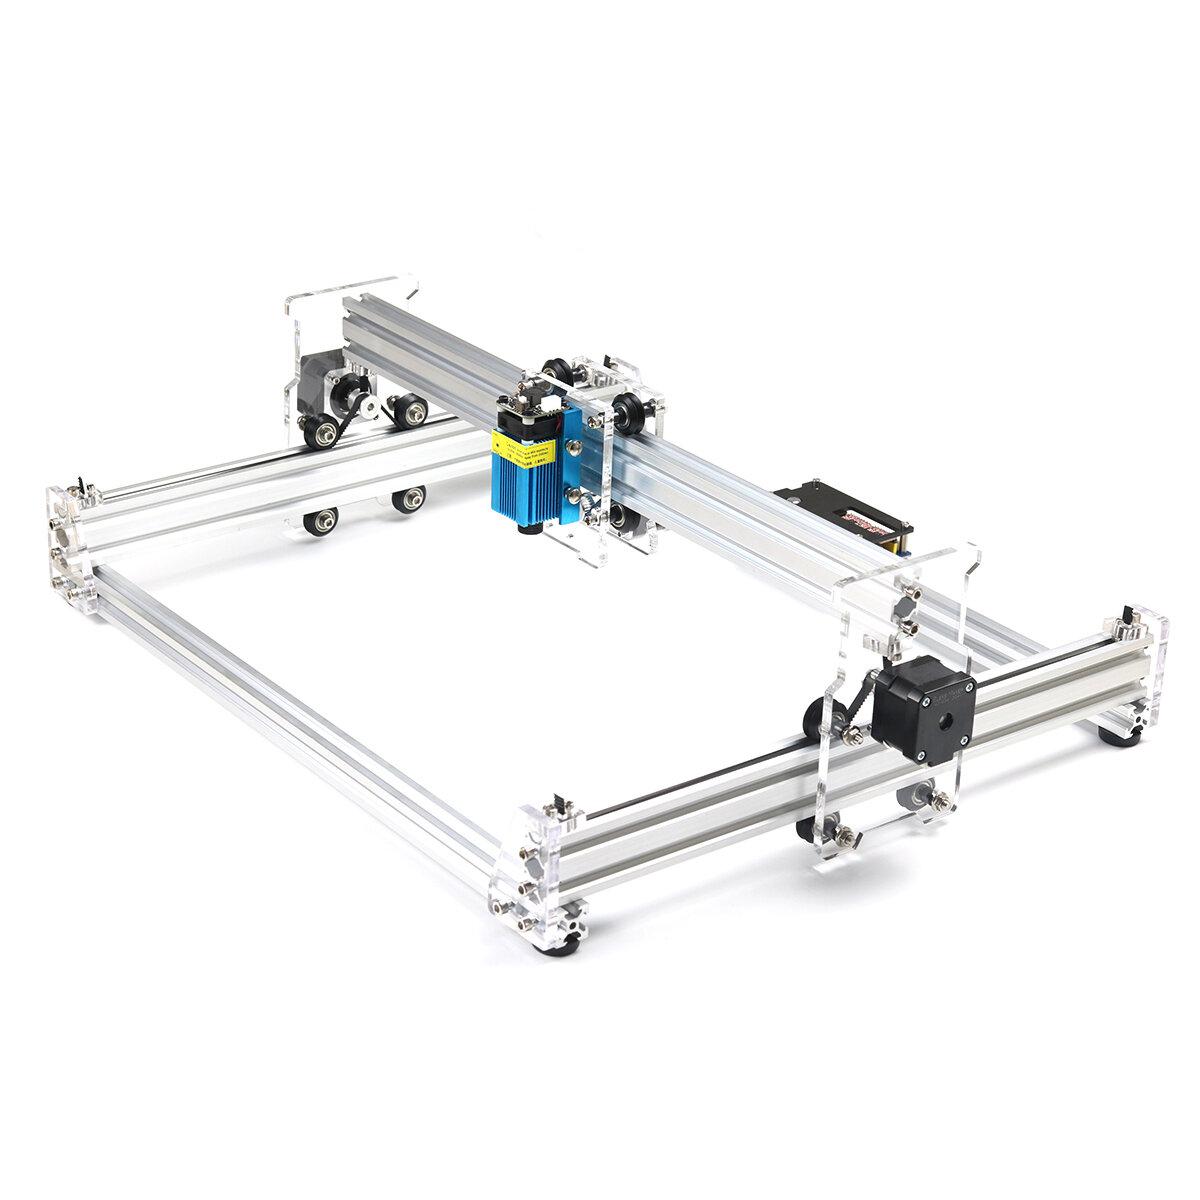 EleksMaker® EleksLaser-A3 Pro 2500mW लेजर एनग्रेविंग मशीन सीएनसी लेजर प्रिंटर